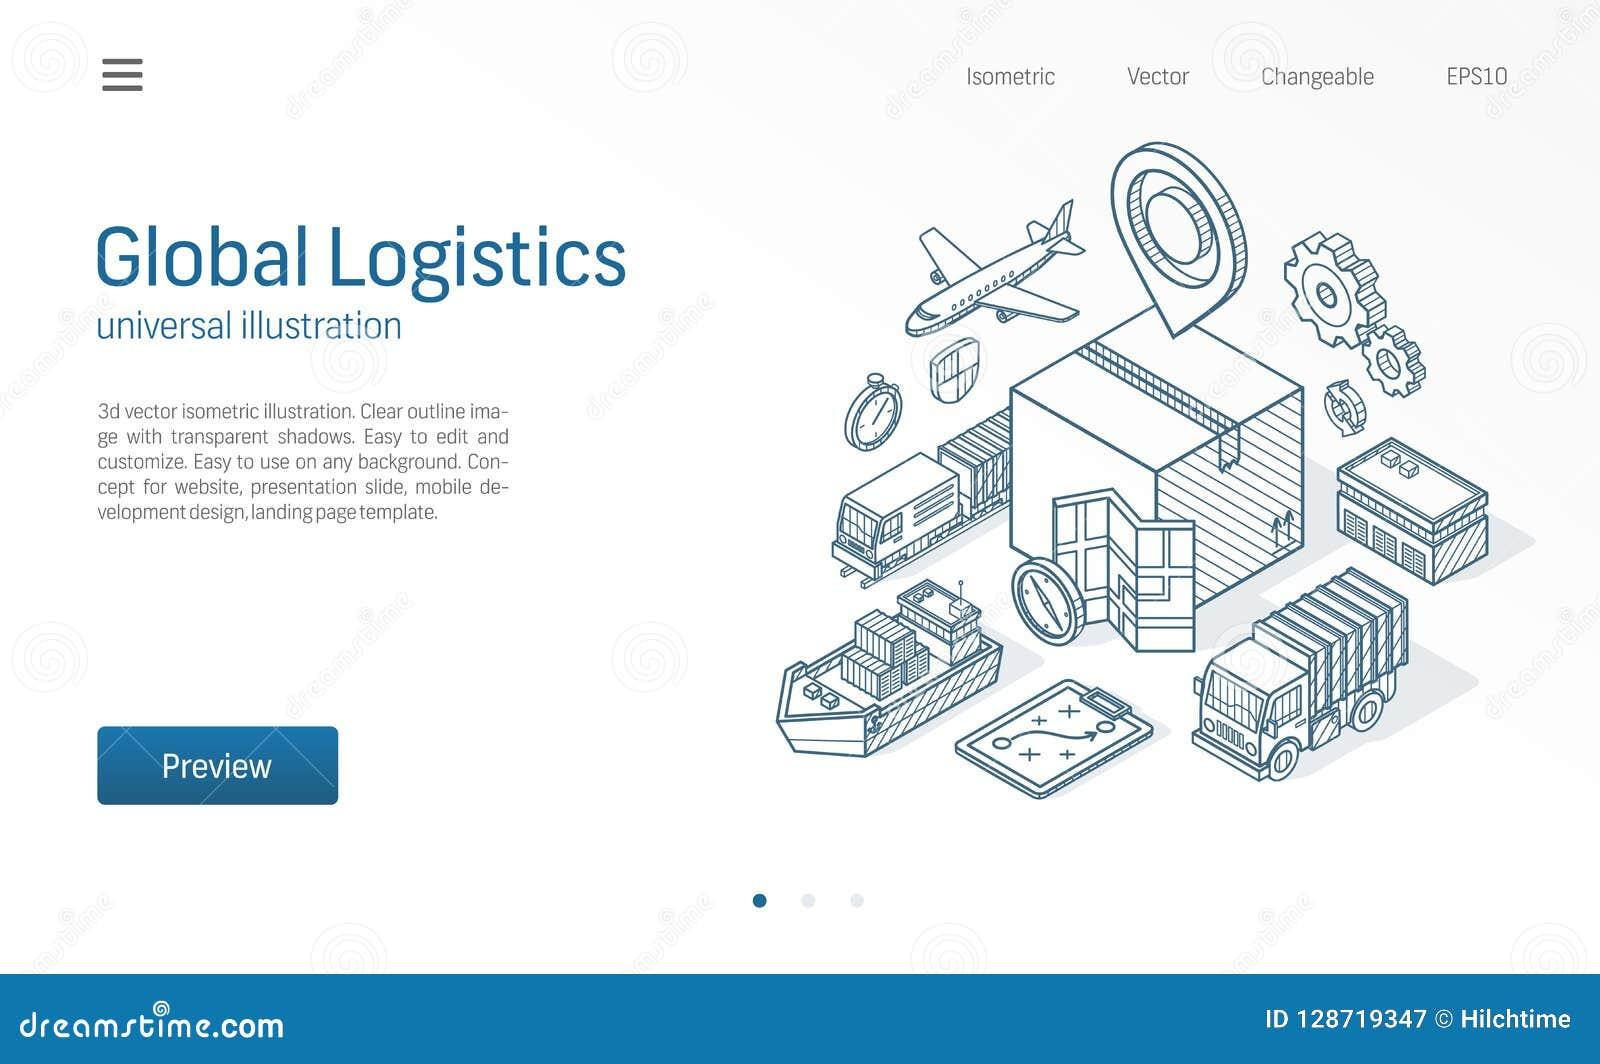 Linha isométrica moderna ilustração do serviço logístico global Exportação, importação, negócio do armazém, esboço do transporte